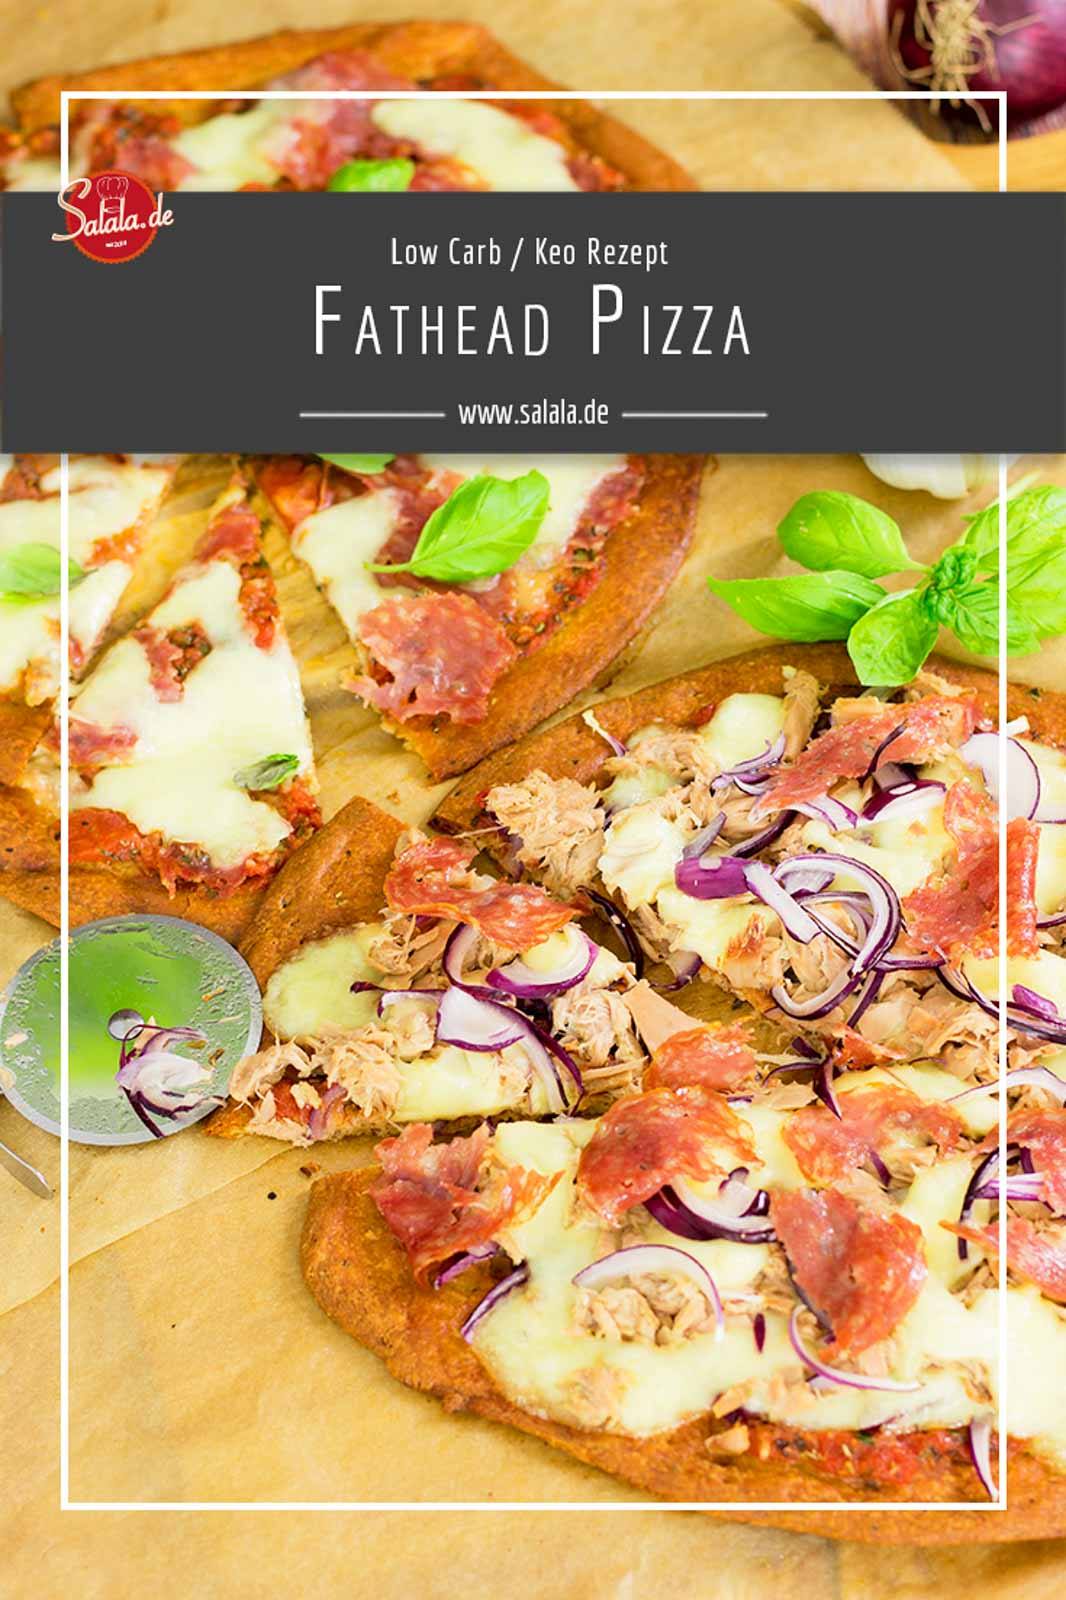 Knuspriger Pizzateig mit minimalen Kohlehydraten. Kein Mehl, kein Zucker. Dieser Low Carb Pizzateig ist die fehlende Komponente für richtig gute Low Carb Pizza! Die Fathead Pizza ist nicht nur Low Carb sondern auch super Keto geeignet. #Pizza #LowCarb #LowCarbRezepte #LowCarbPizza #Keto